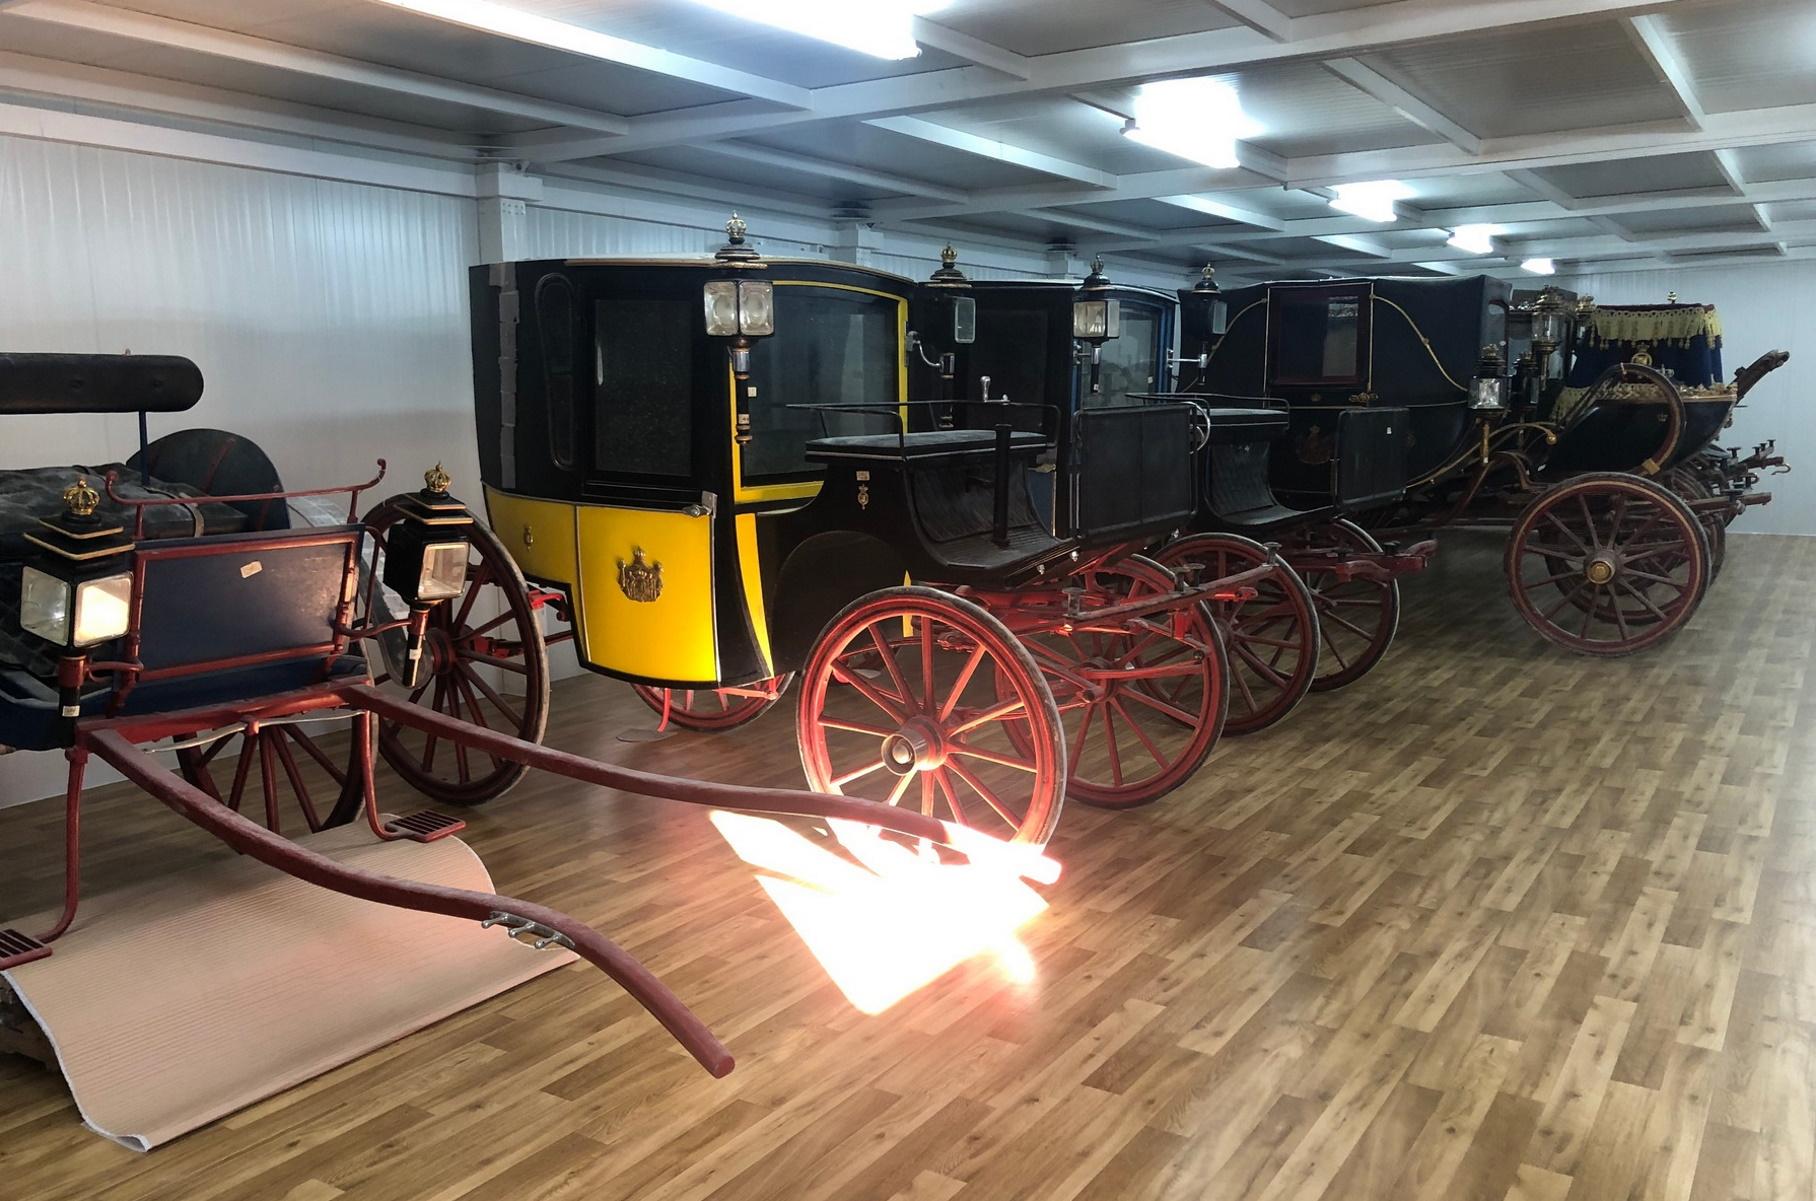 Τατόι: Εντυπωσιάζουν οι βασιλικές άμαξες που θα στεγαστούν σε νέο λαμπρό μουσείο (pics)